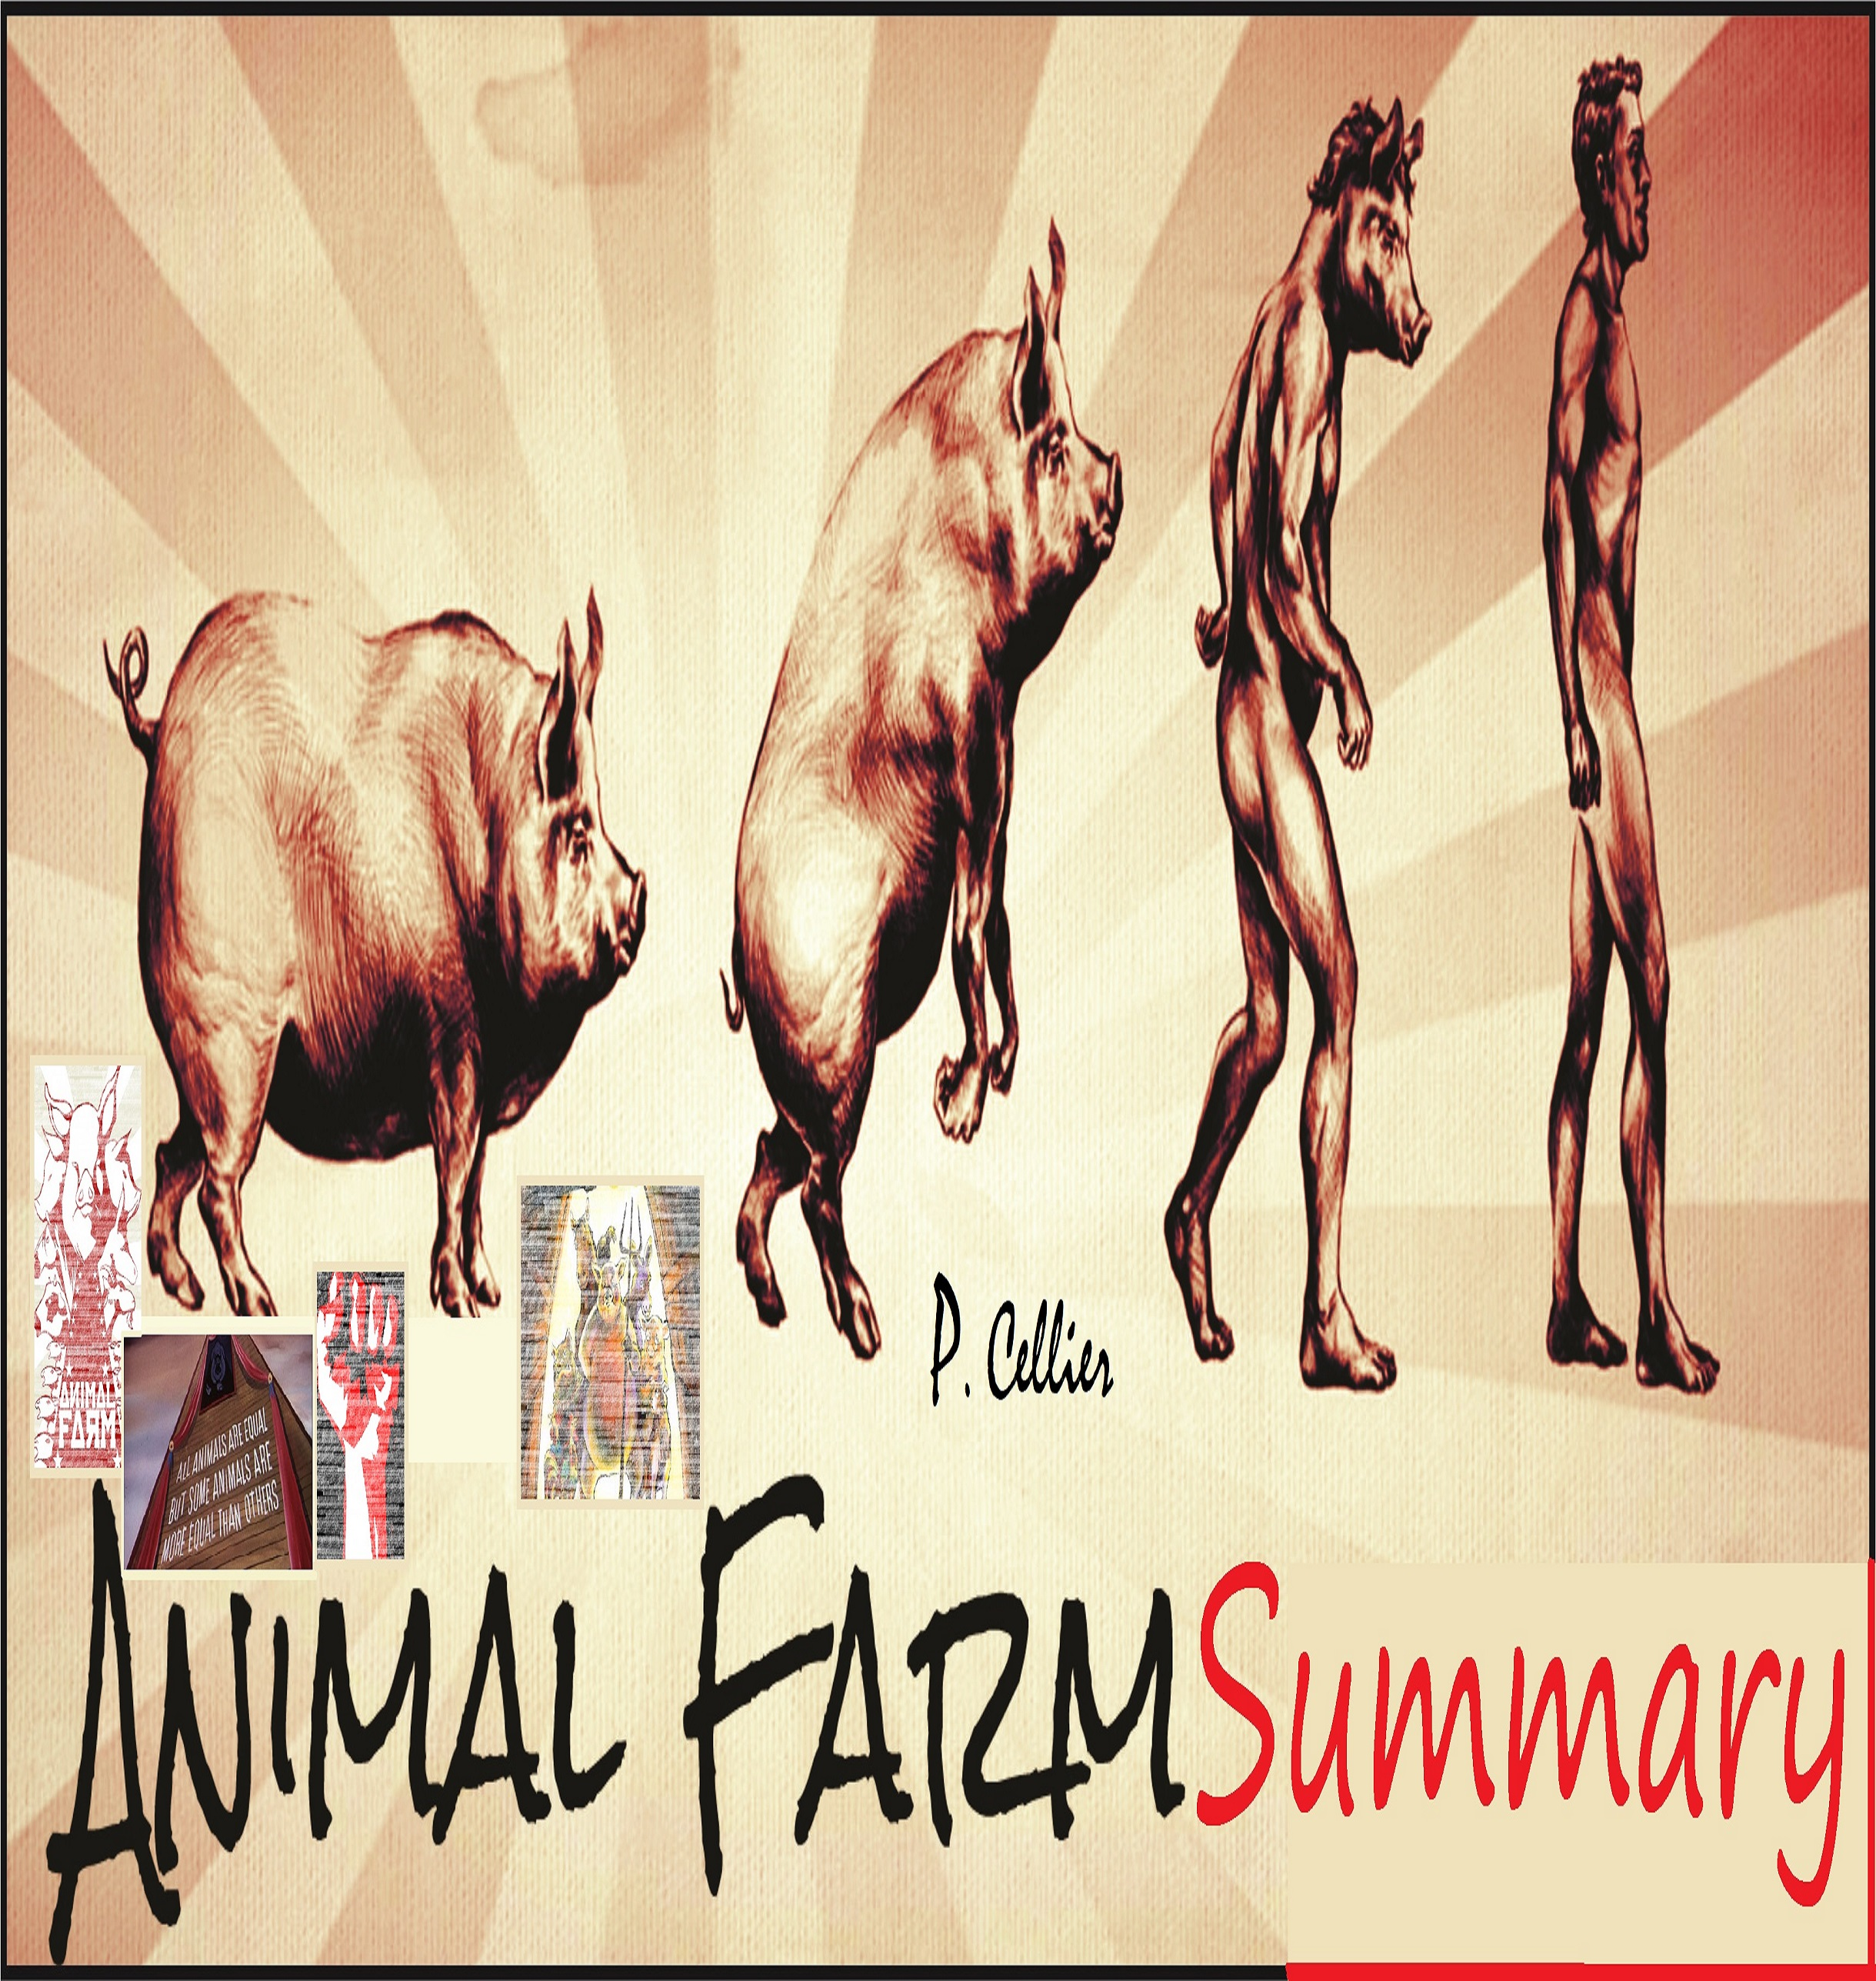 Smashwords Animal Farm Summary A Book By P Cellier